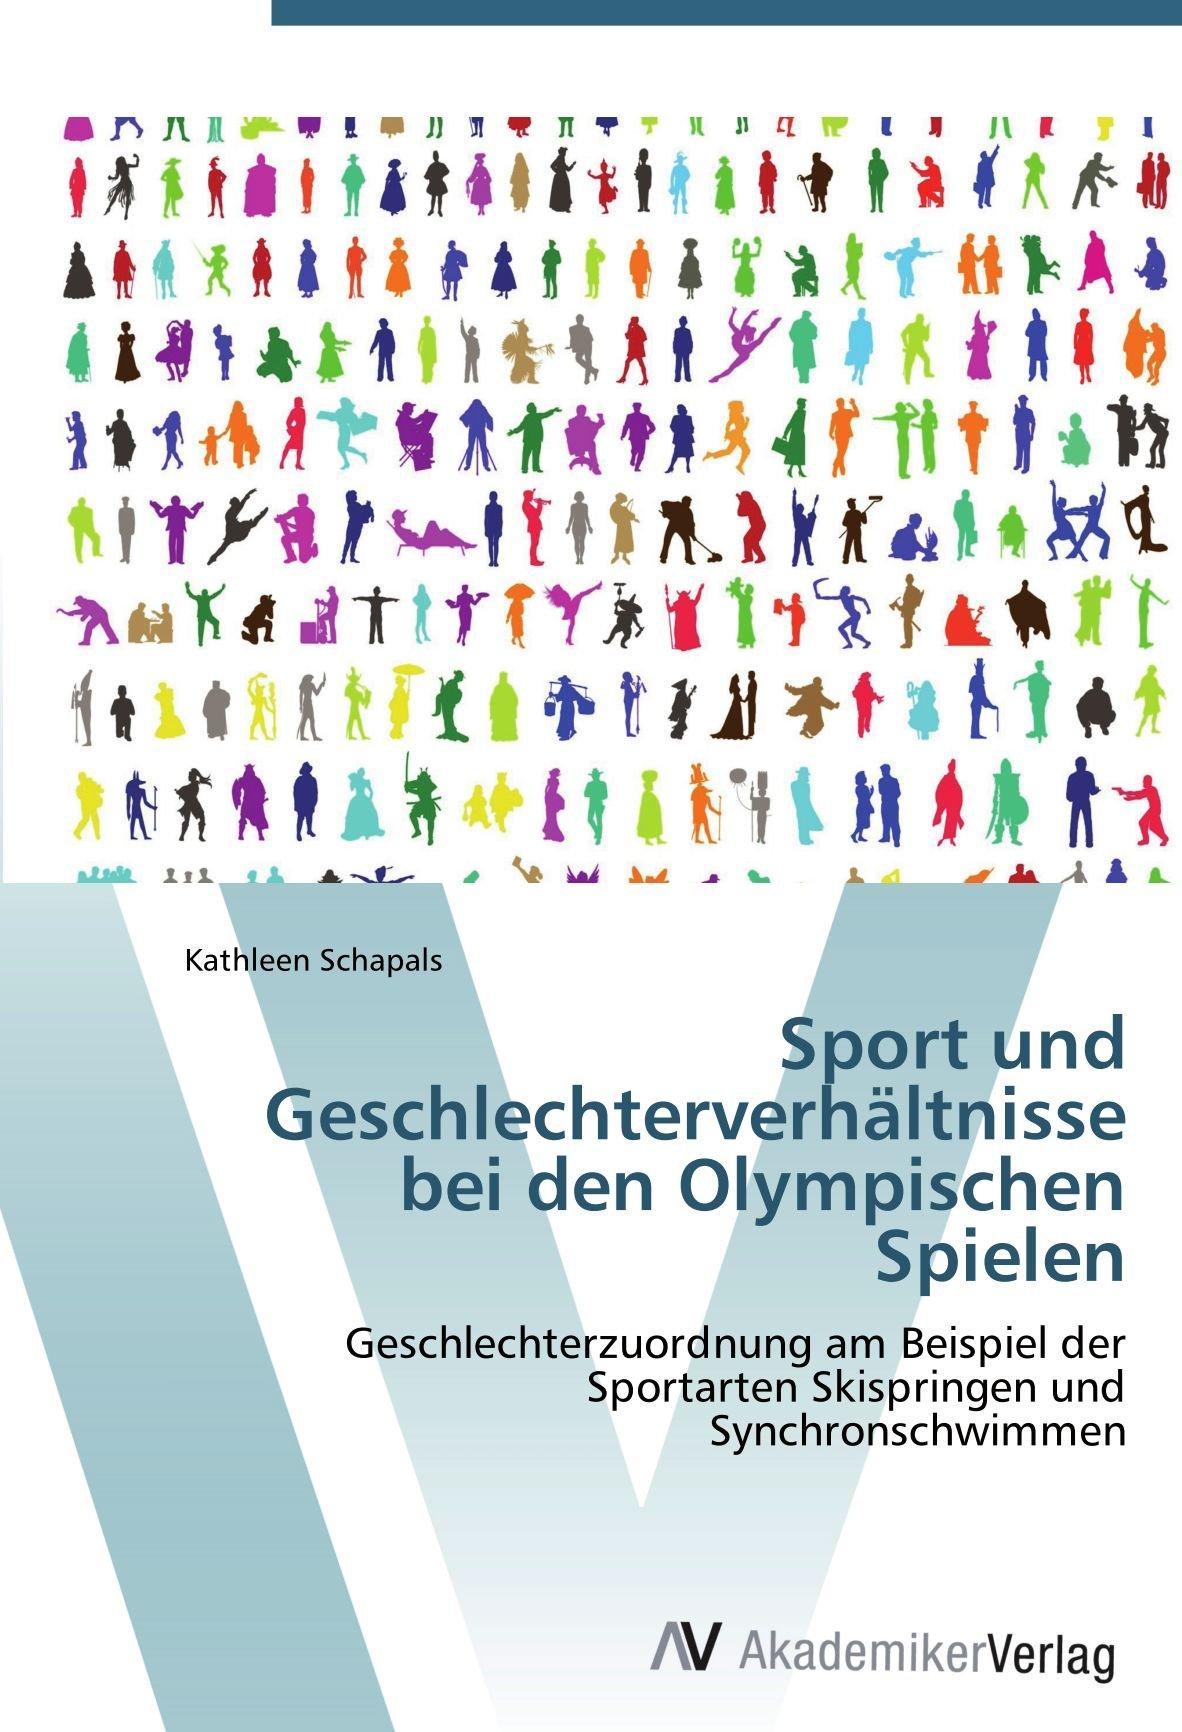 Sport und Geschlechterverhältnisse bei den Olympischen Spielen: Geschlechterzuordnung am Beispiel der Sportarten Skispringen und Synchronschwimmen